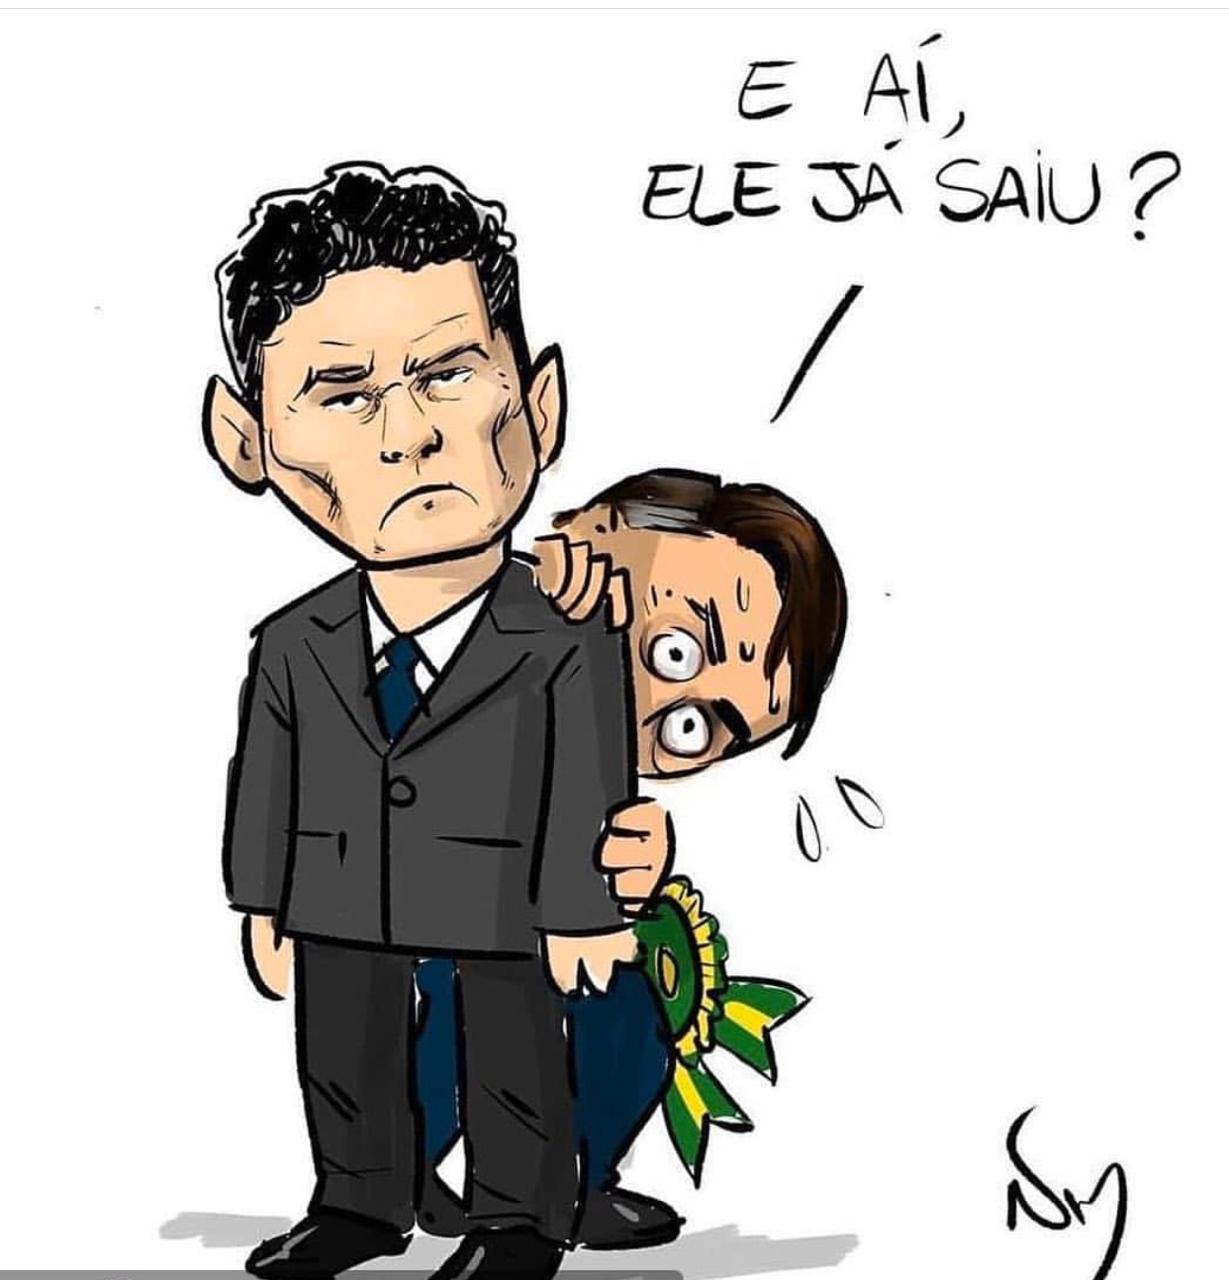 cbcf4600 086c 400c 99d0 28e865c97906 - POLÍTICA NAS REDES: Internet se inflama para comentar saída de Lula da prisão